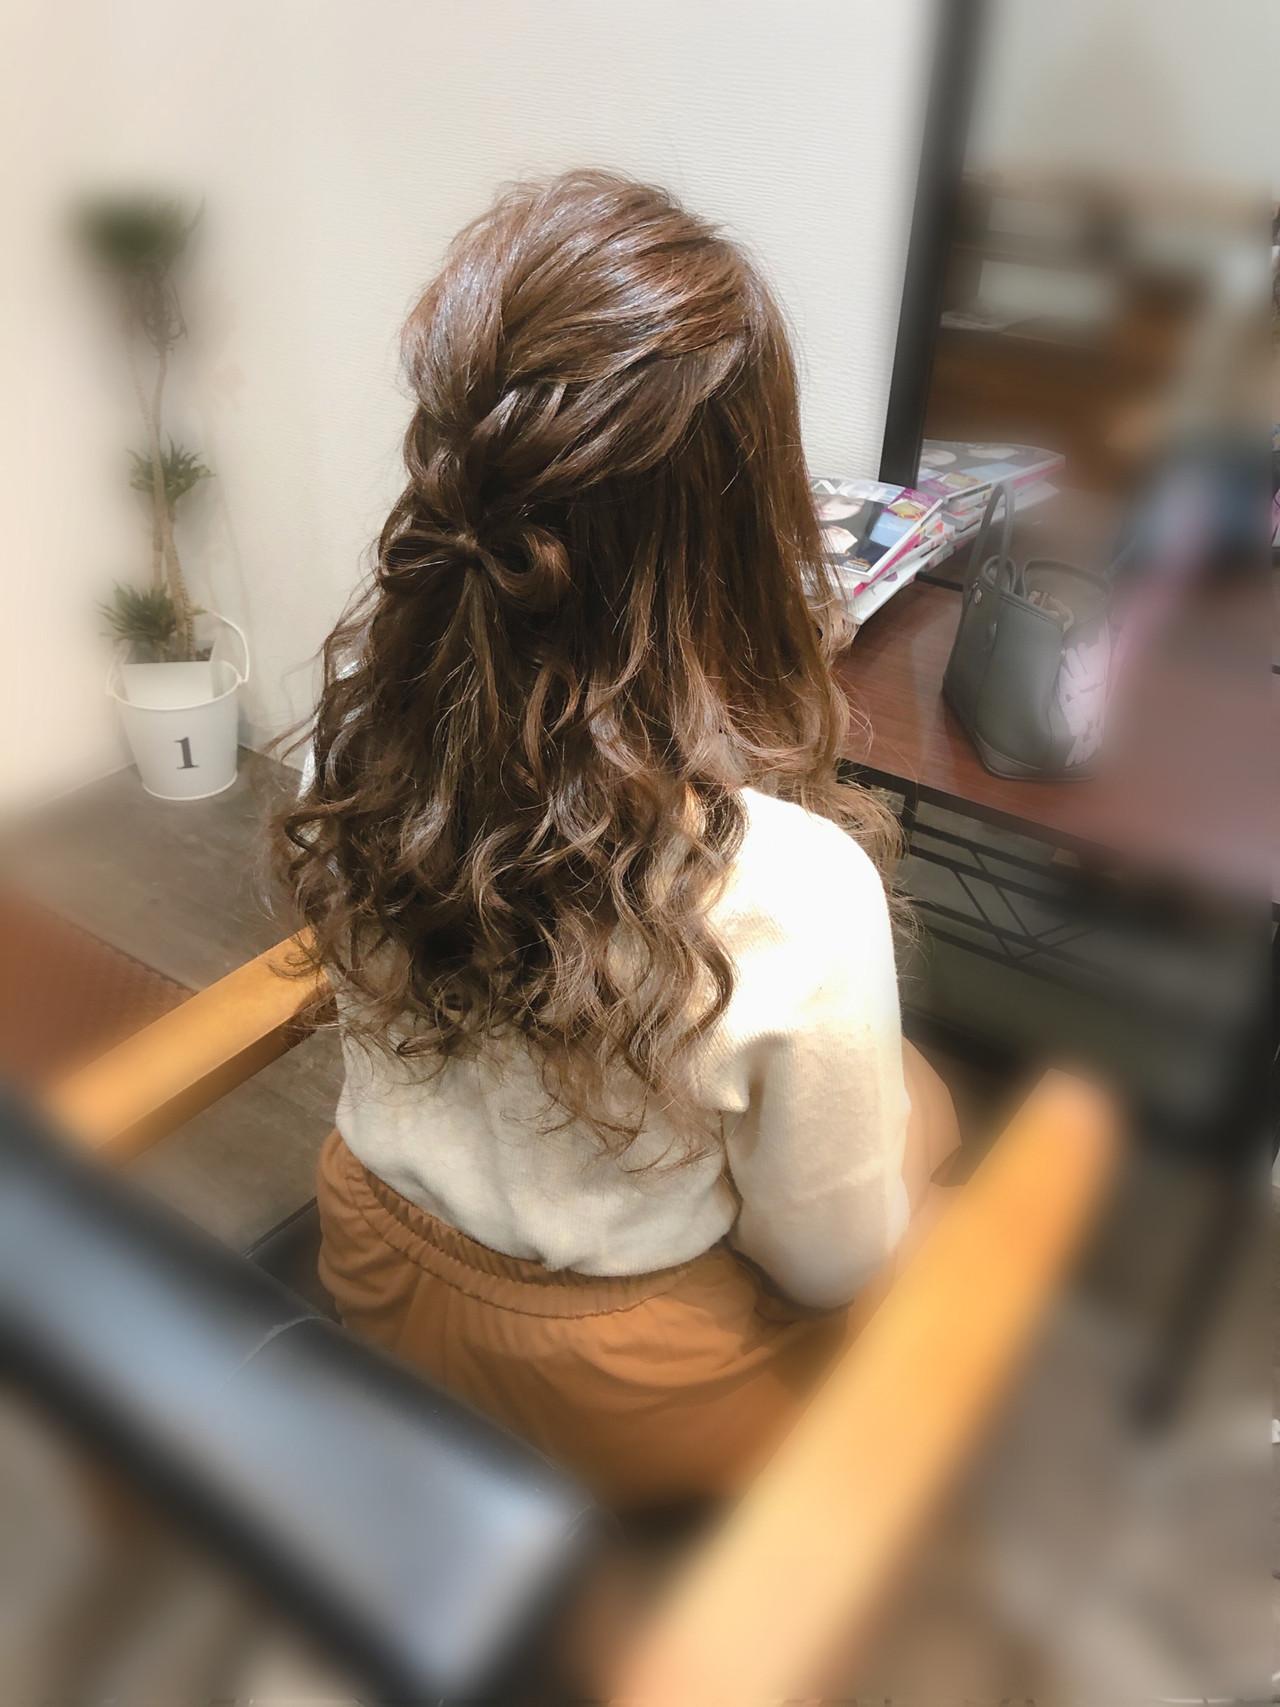 ヘアセット 編み込み ガーリー りぼん ヘアスタイルや髪型の写真・画像